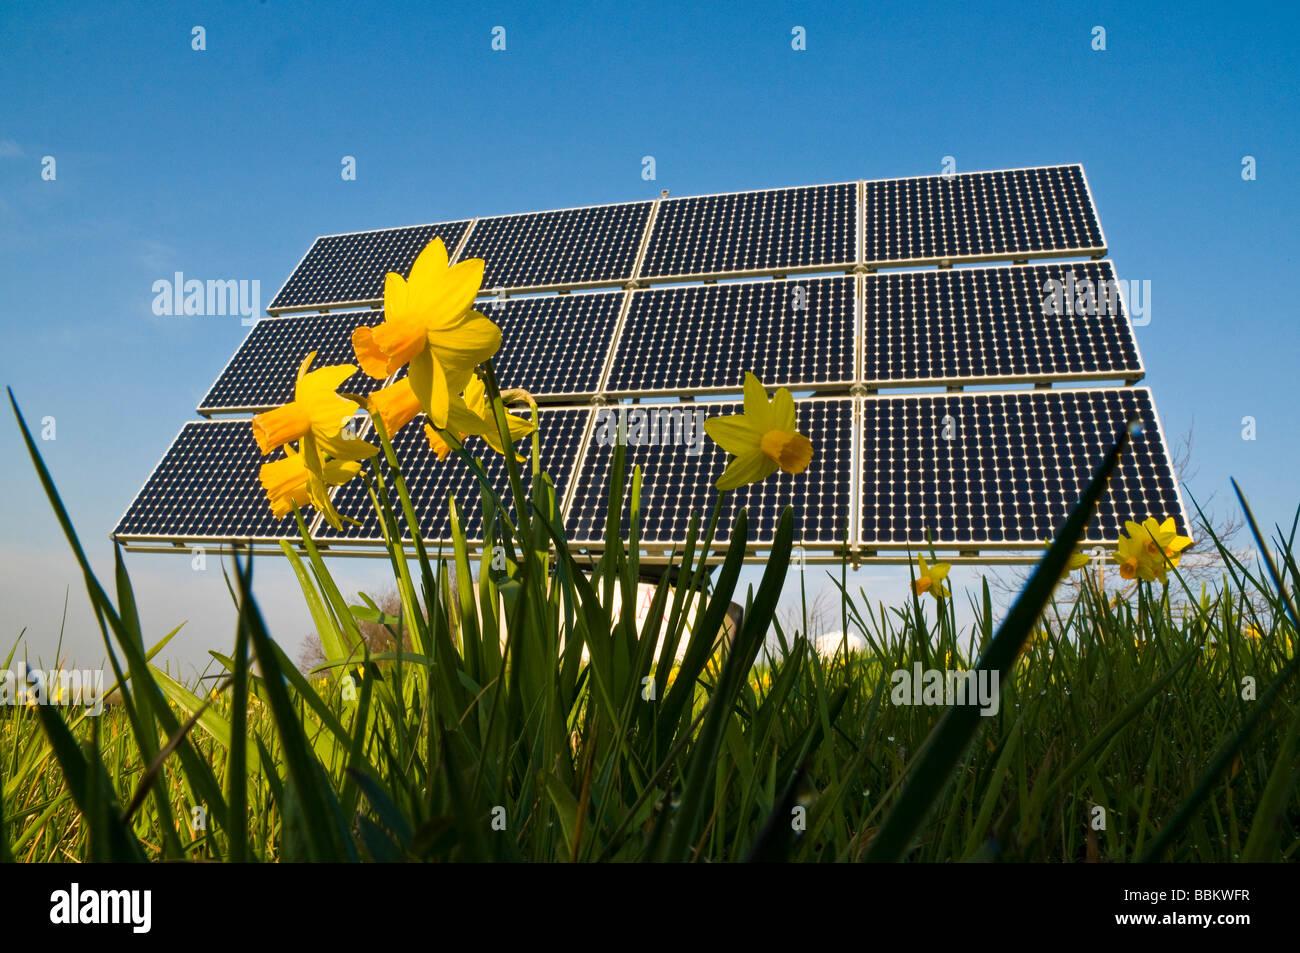 Los Módulos Solares Con Flores En Primer Plano Desde Abajo